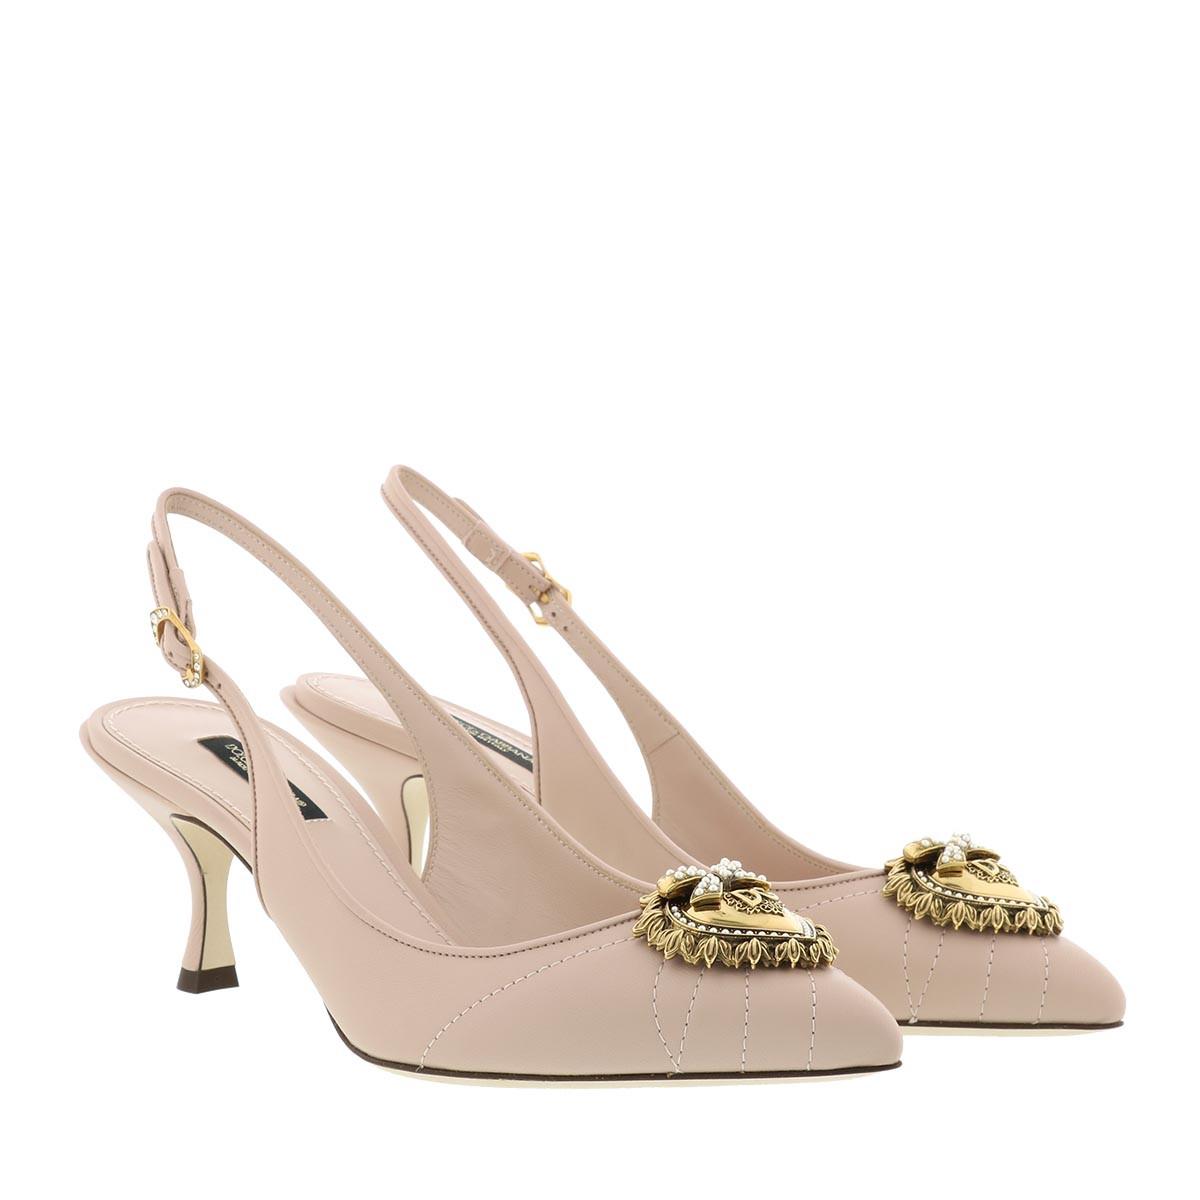 Dolce&Gabbana Pumps - Slingback Pumps Devotion Lamb Skin Cipria - in rosa - für Damen